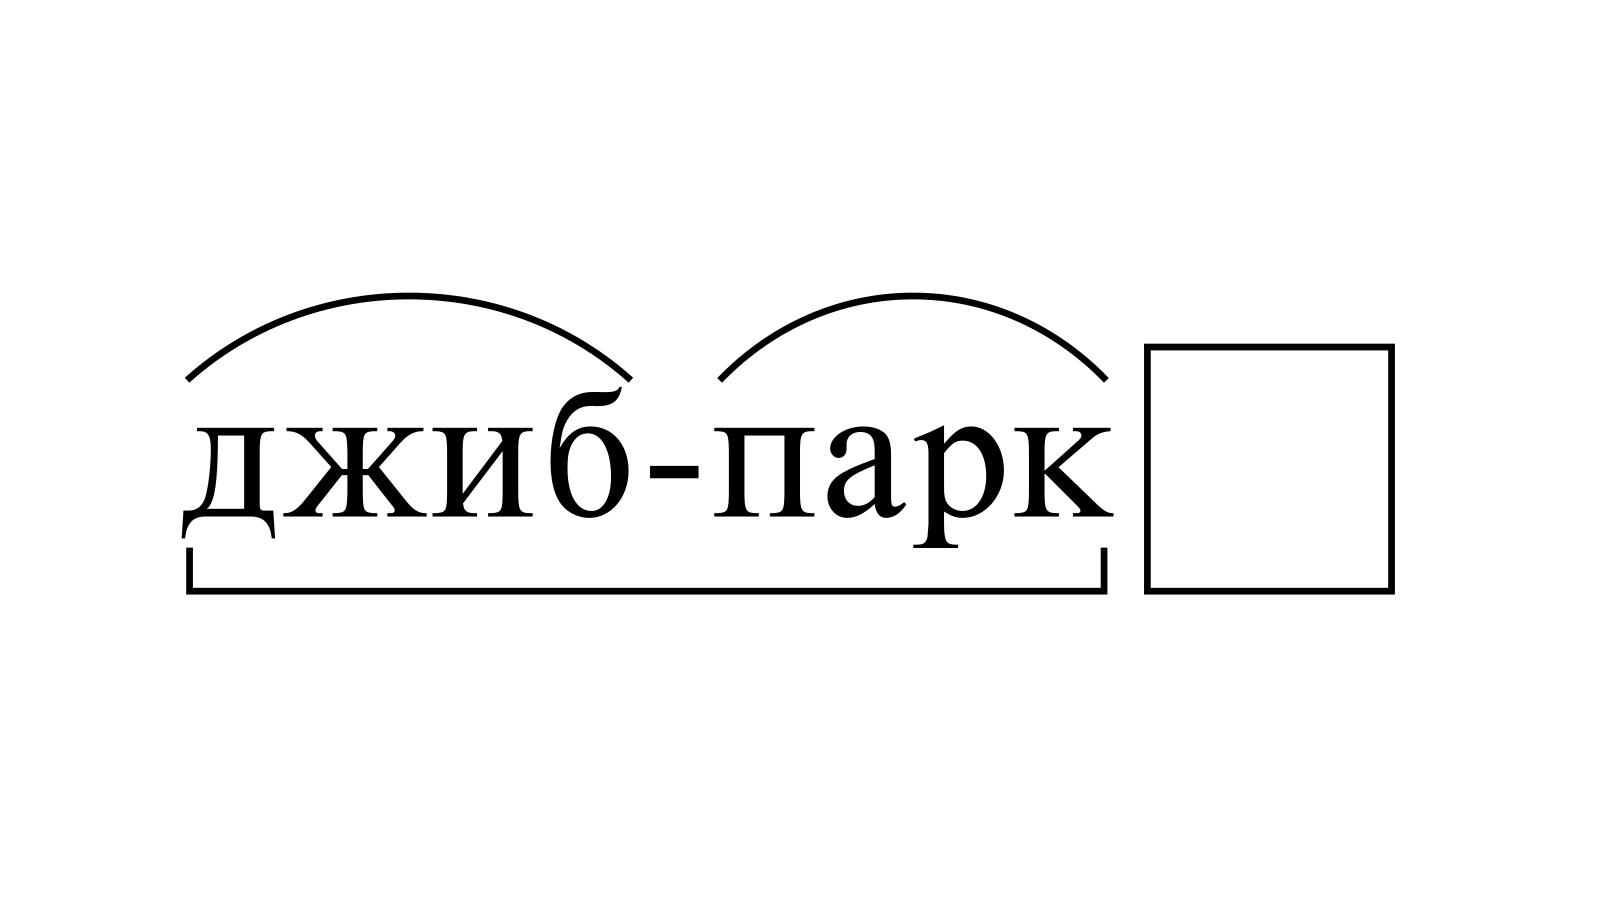 Разбор слова «джиб-парк» по составу